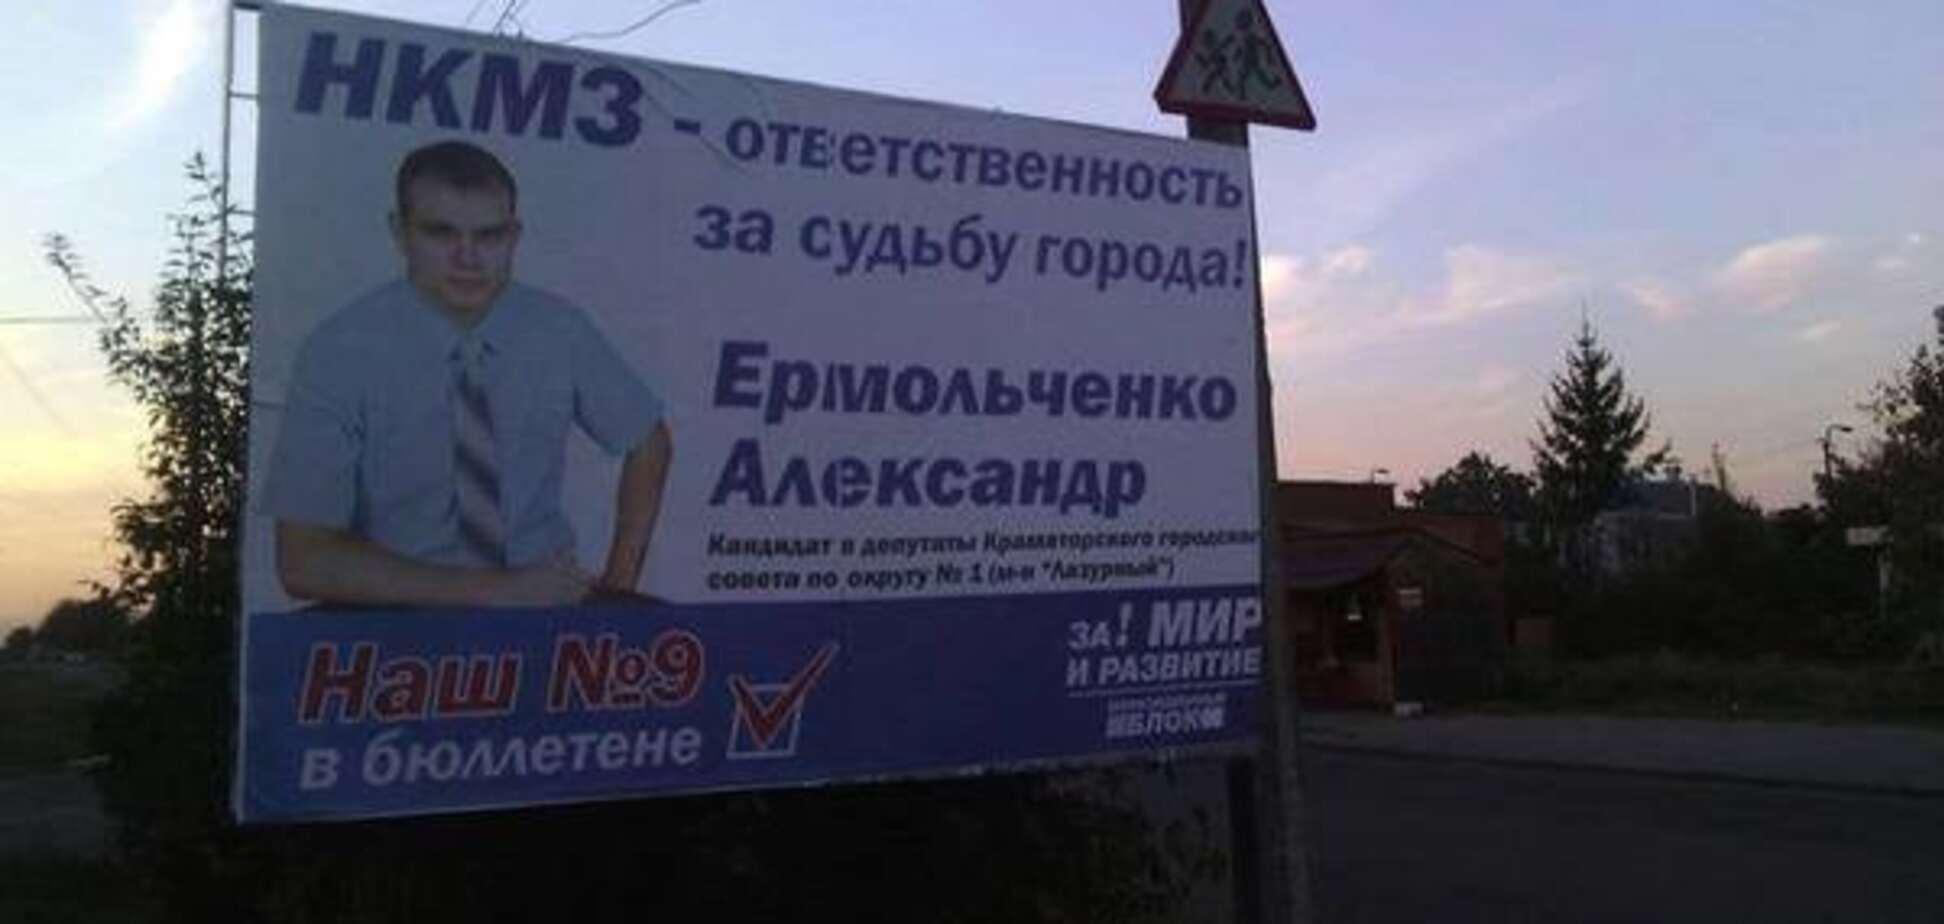 'Опозиційний блок' висунув кандидатом у міськраду Краматорська терориста 'ДНР': фото- і відеофакти